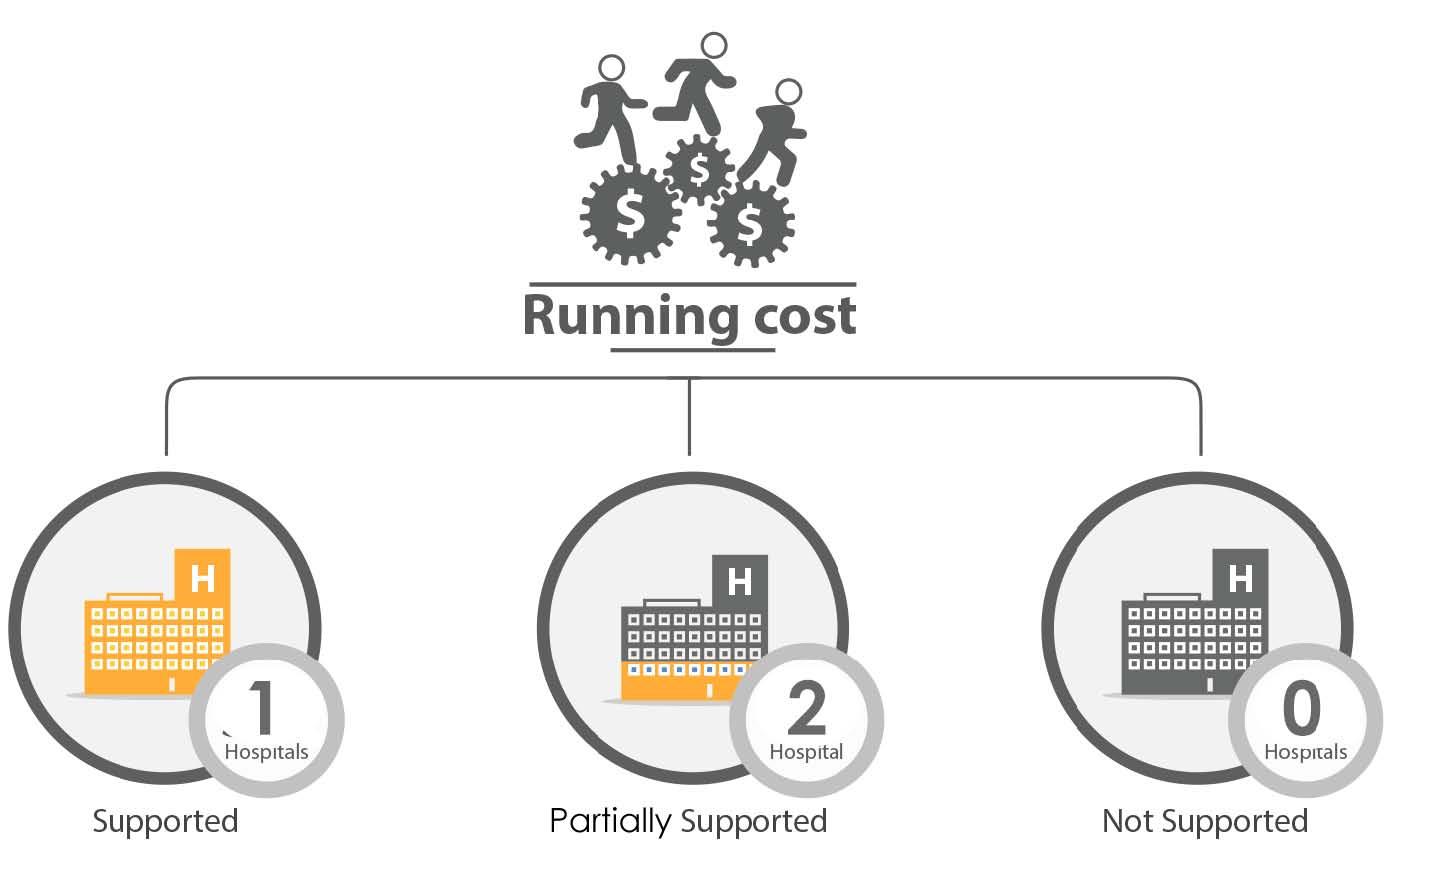 Fig._138.5_Financial_Support_Running_Cost__Hama.jpg